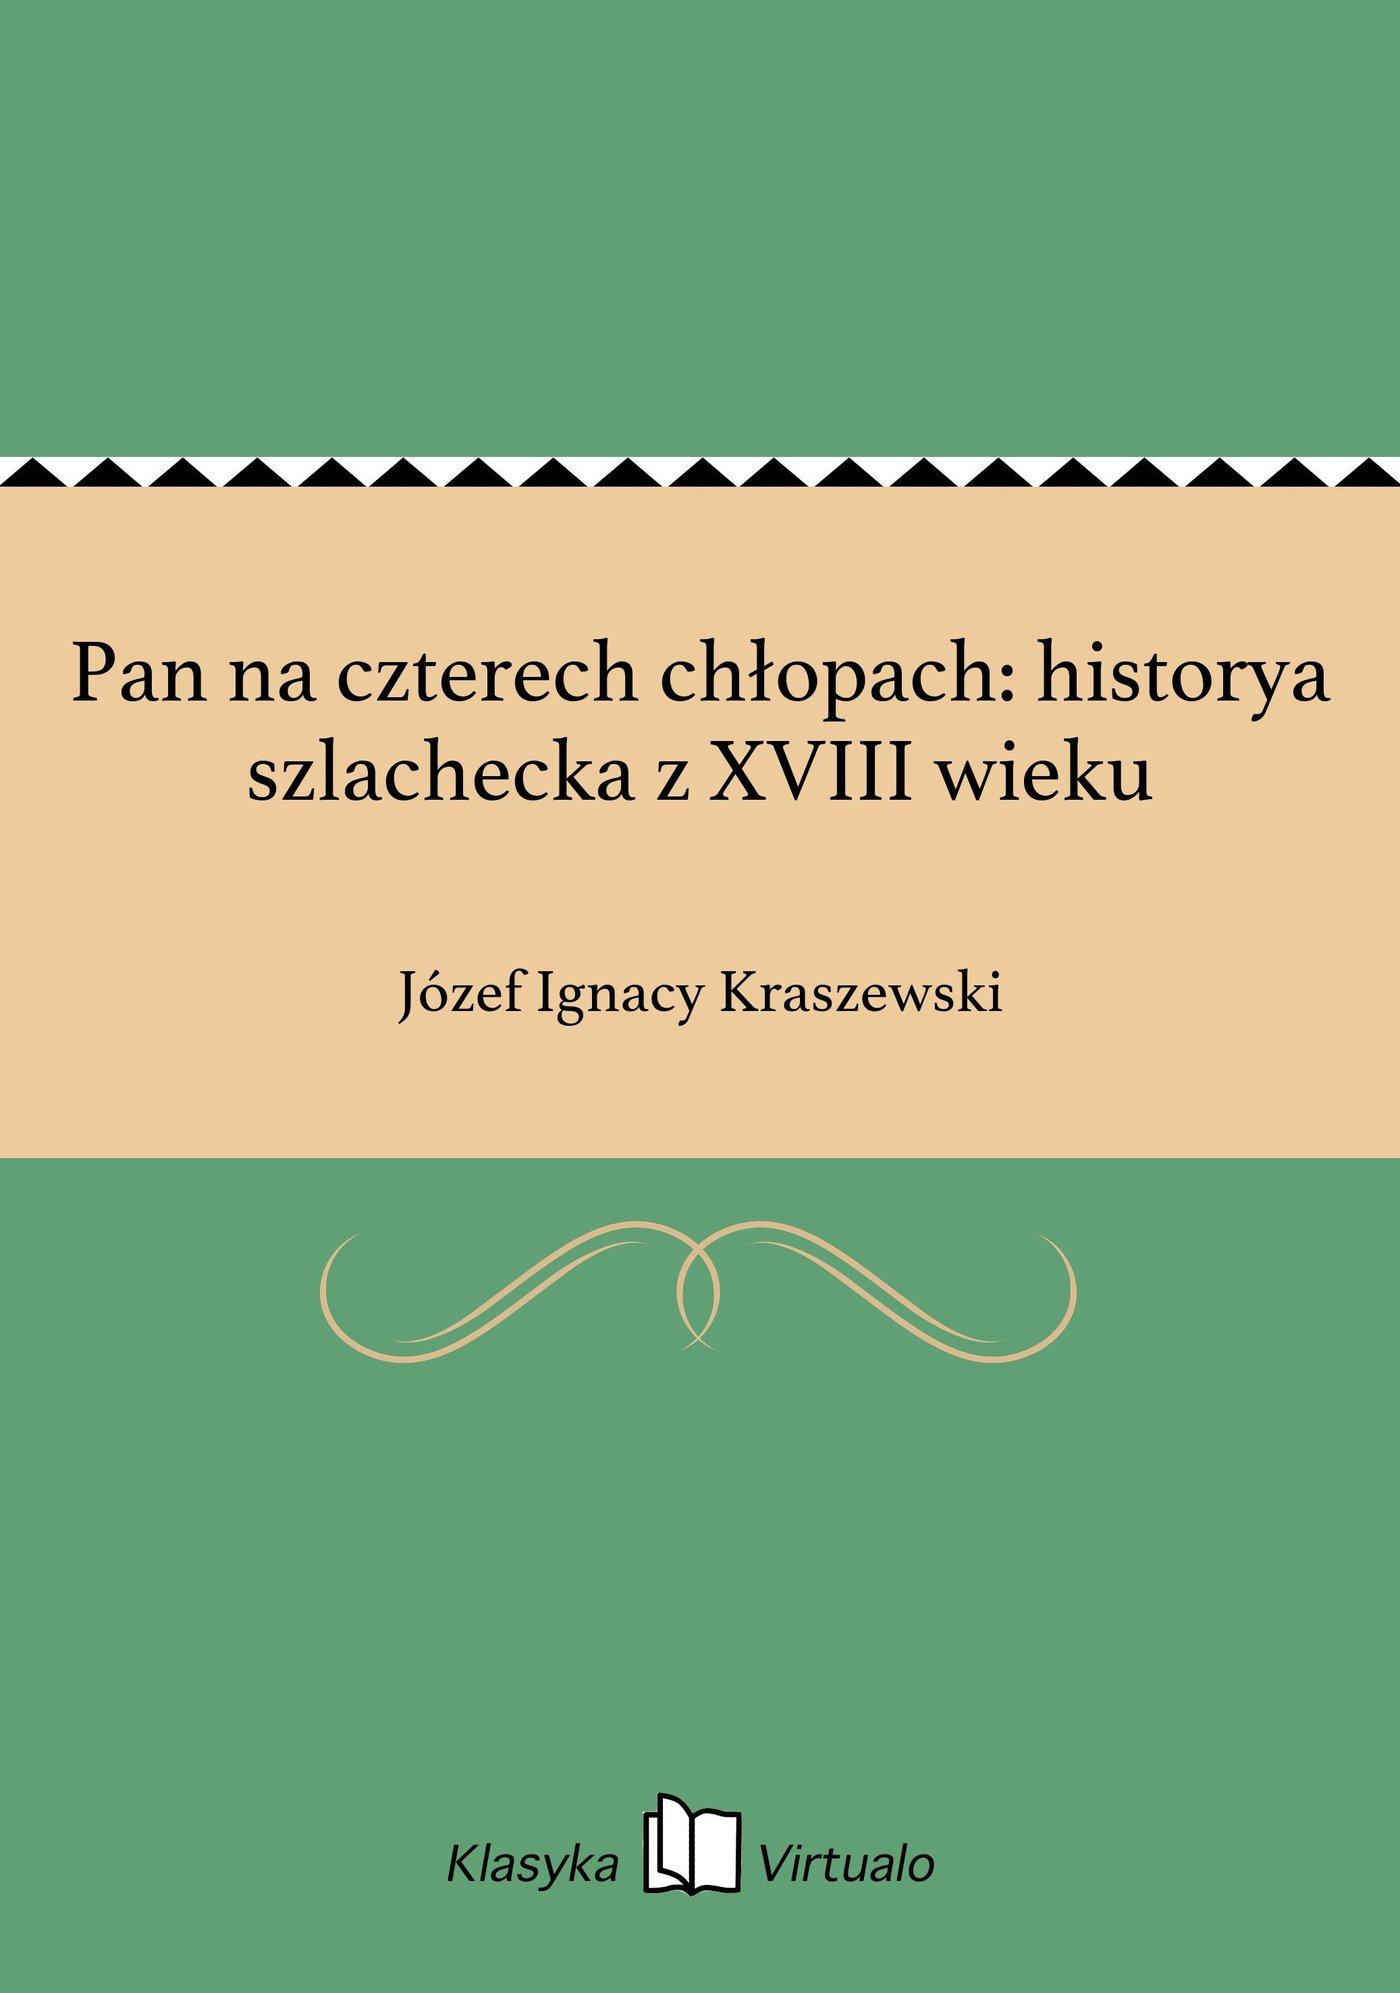 Pan na czterech chłopach: historya szlachecka z XVIII wieku - Ebook (Książka EPUB) do pobrania w formacie EPUB